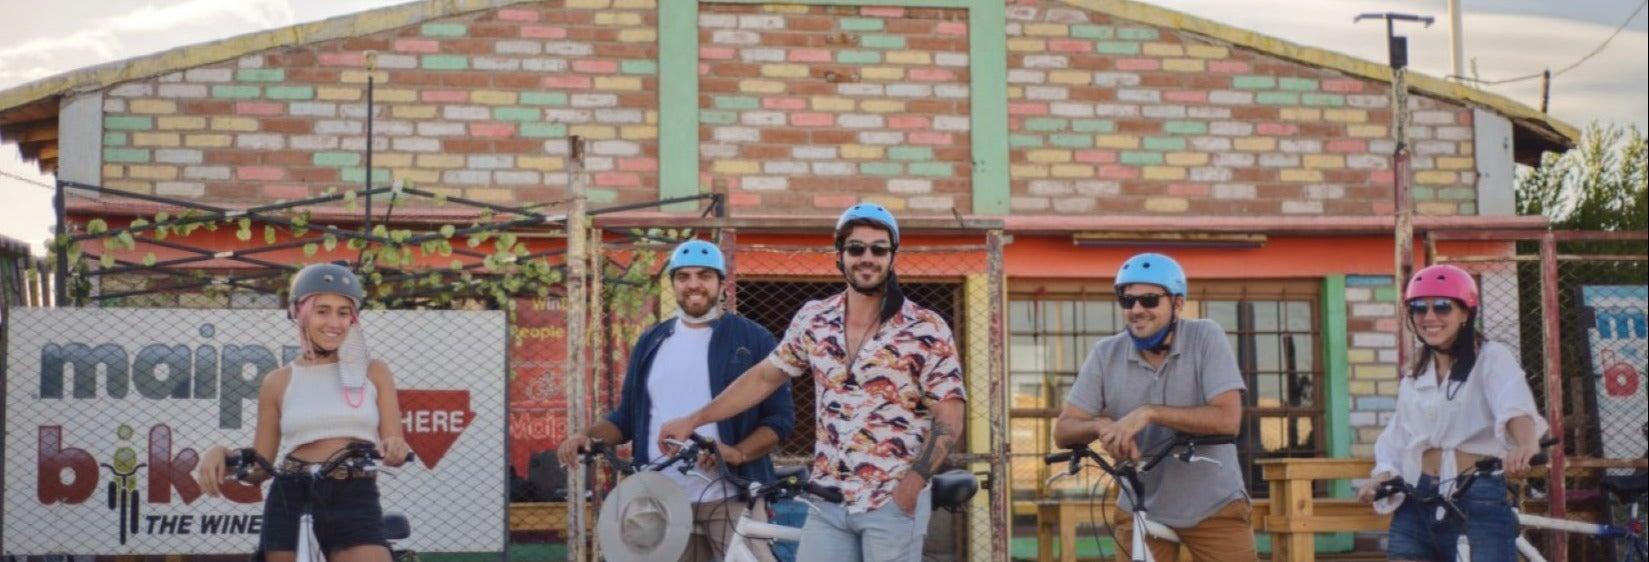 Aluguel de bicicleta em Maipú